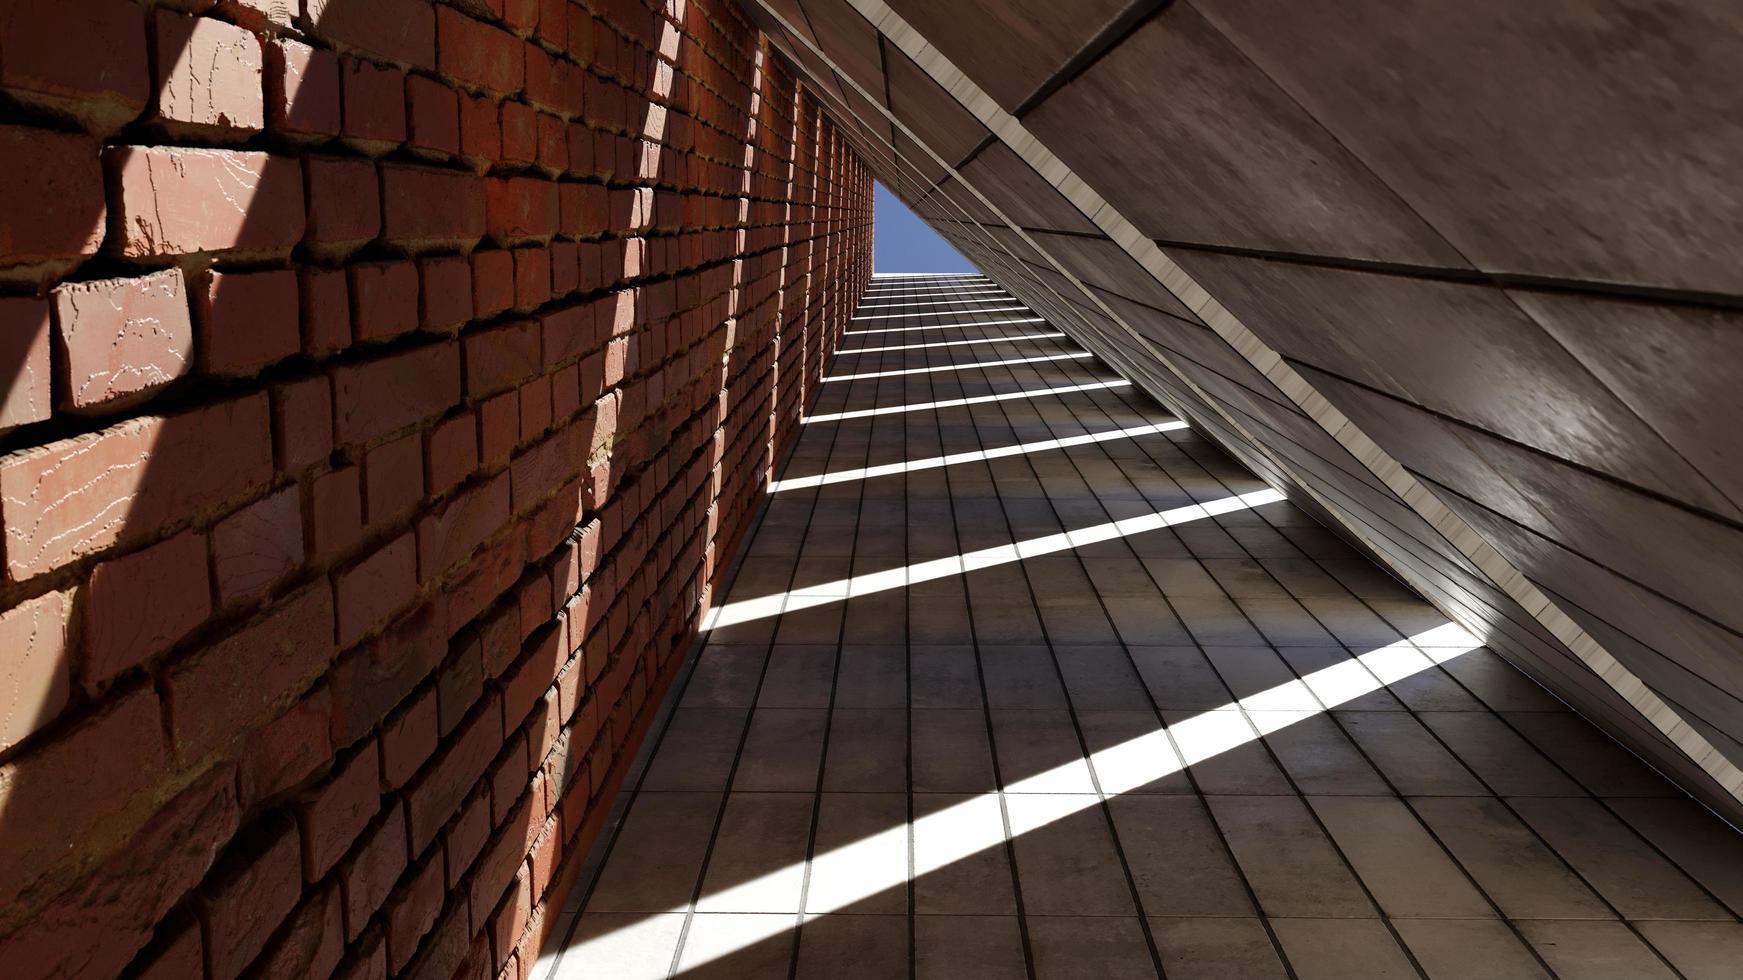 couloir architectural intérieur avec lumière du soleil photo